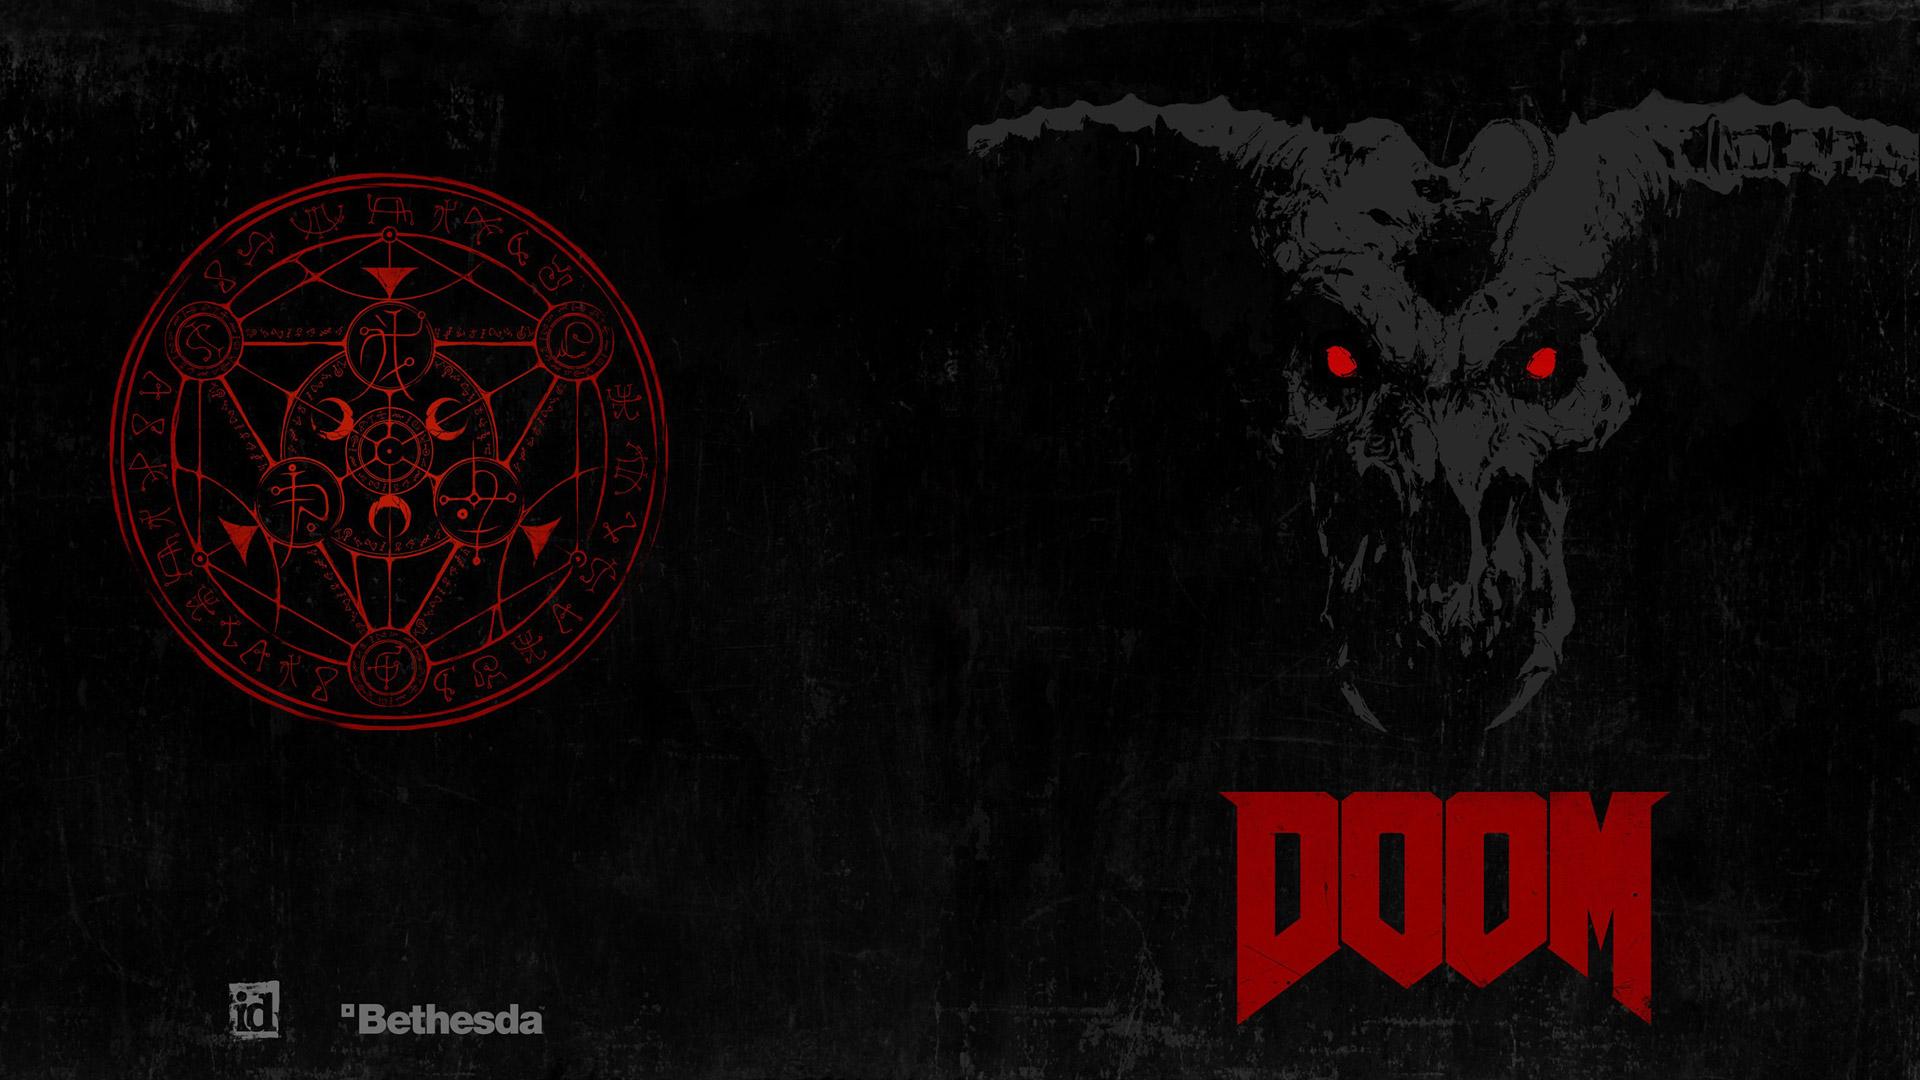 Doom (2016) Wallpaper in 1920x1080